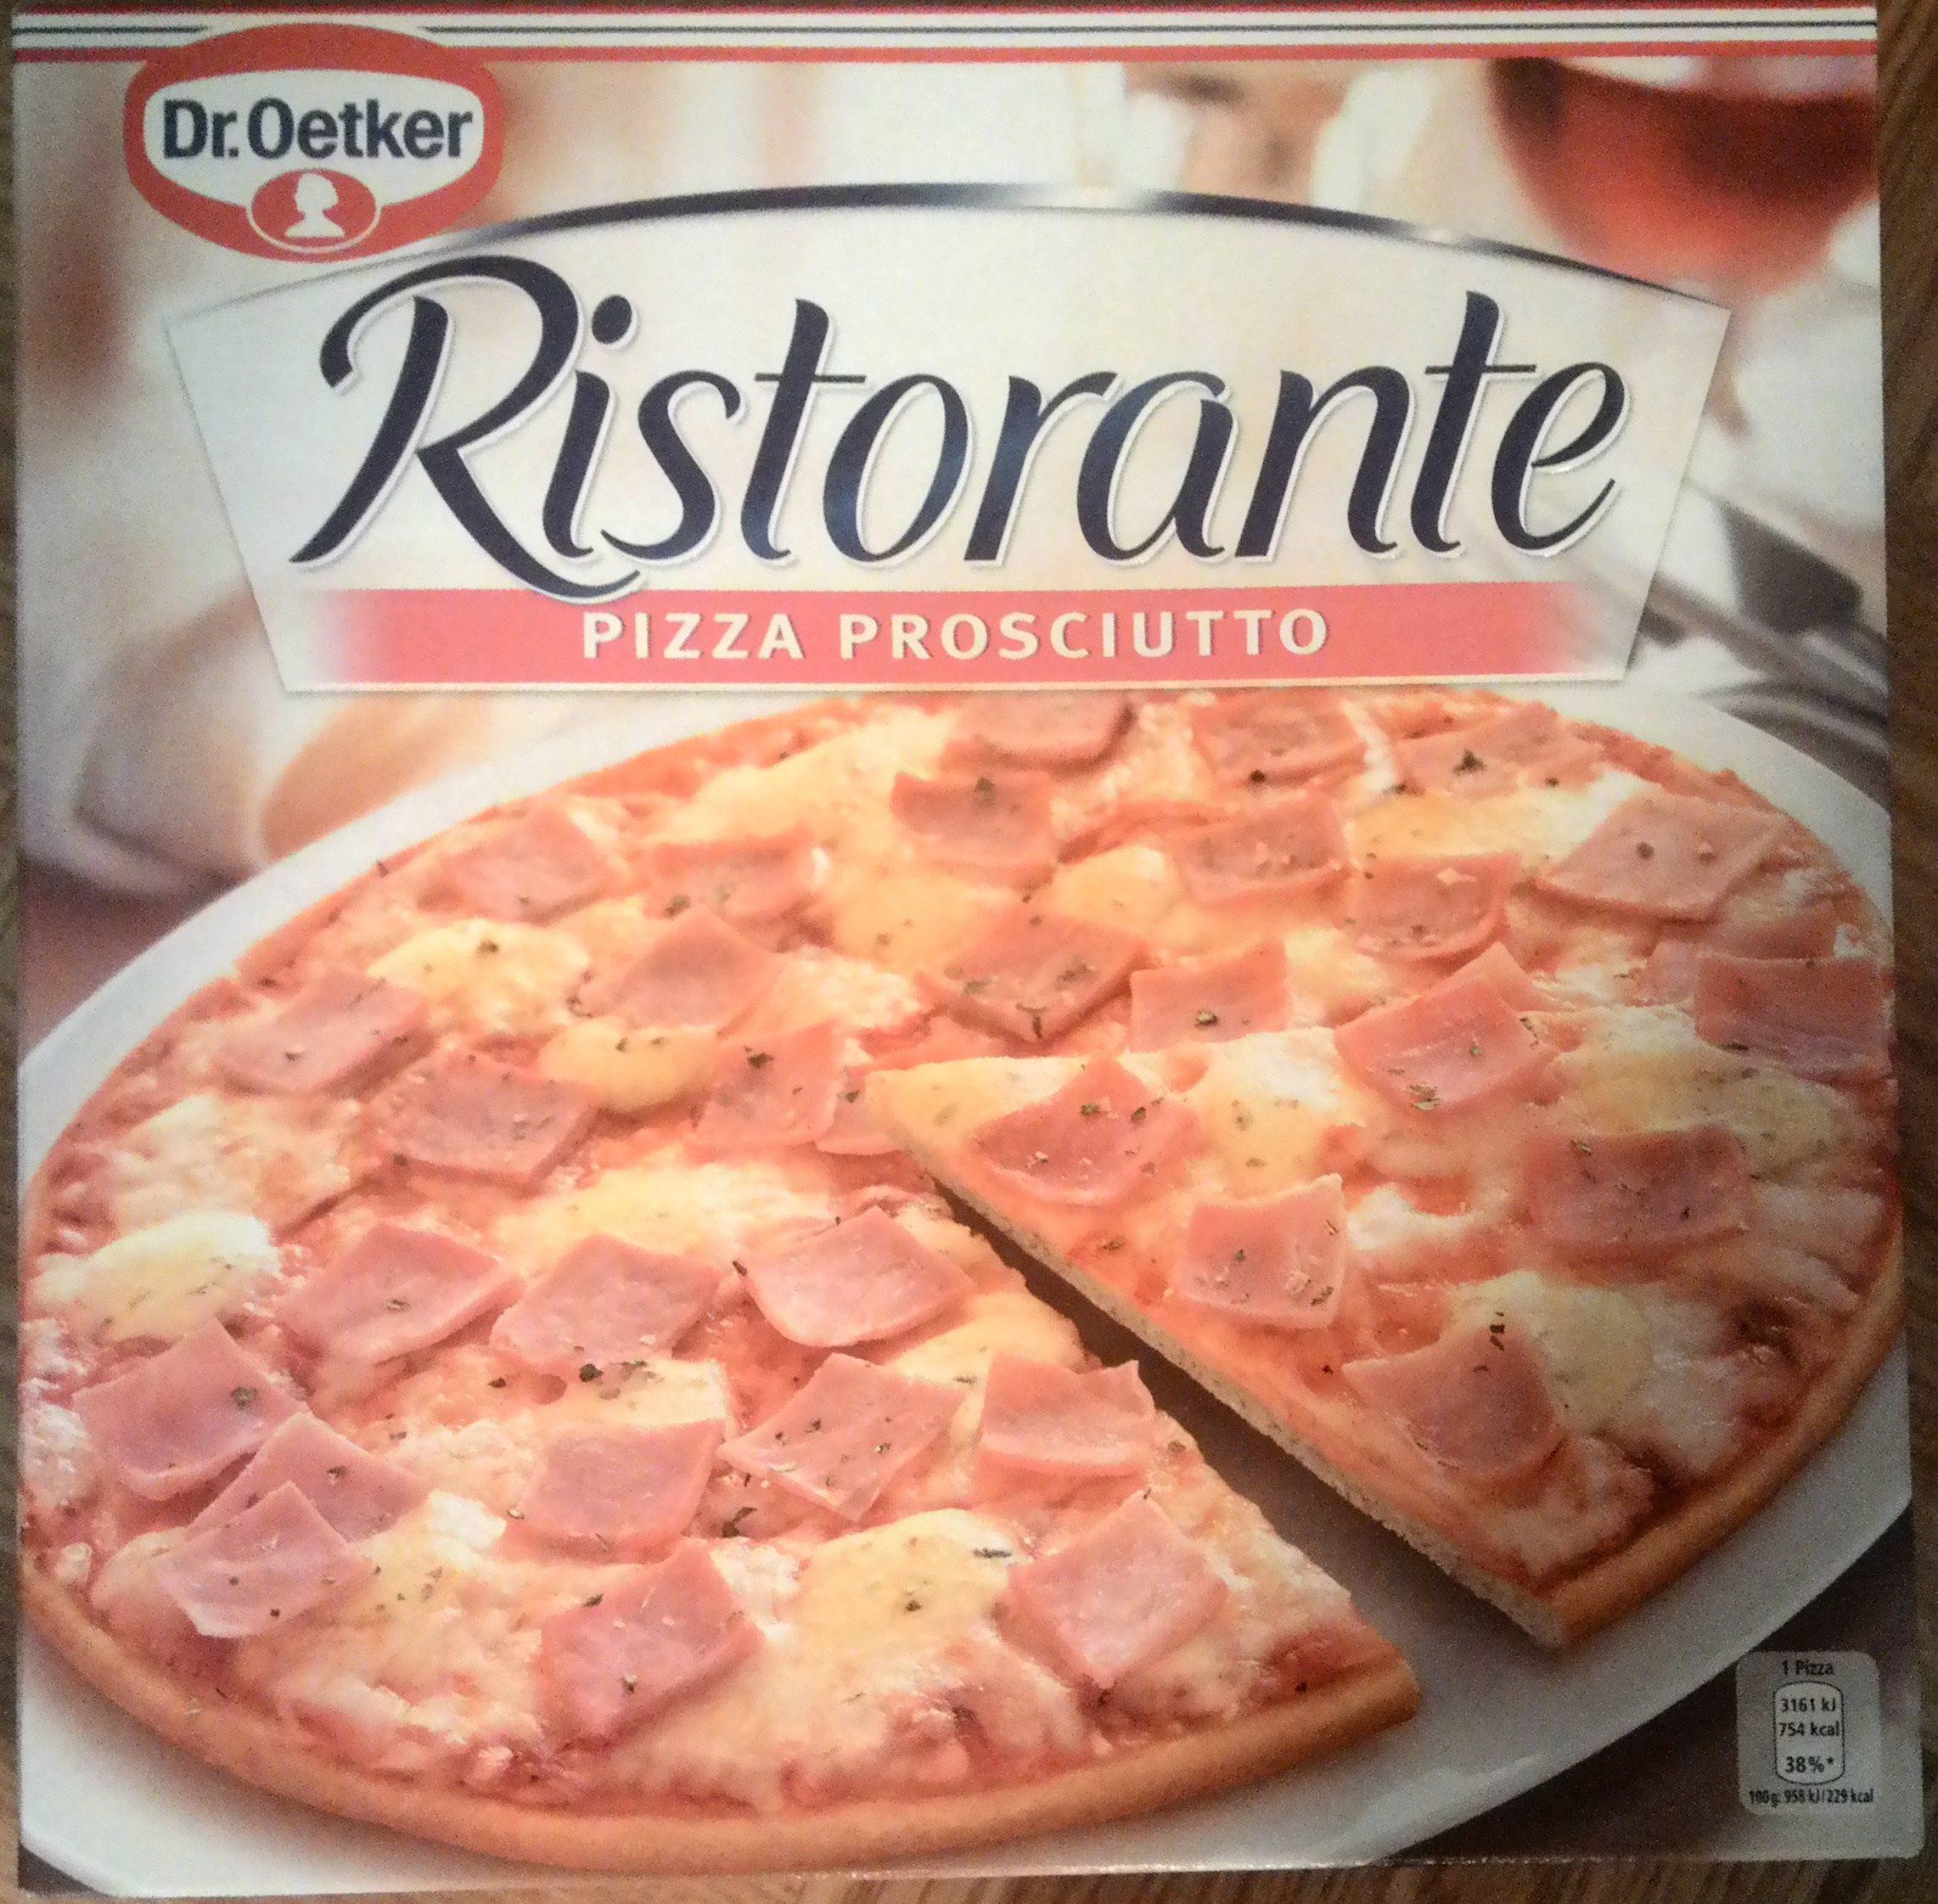 Ristorante pizza prosciutto - Product - en